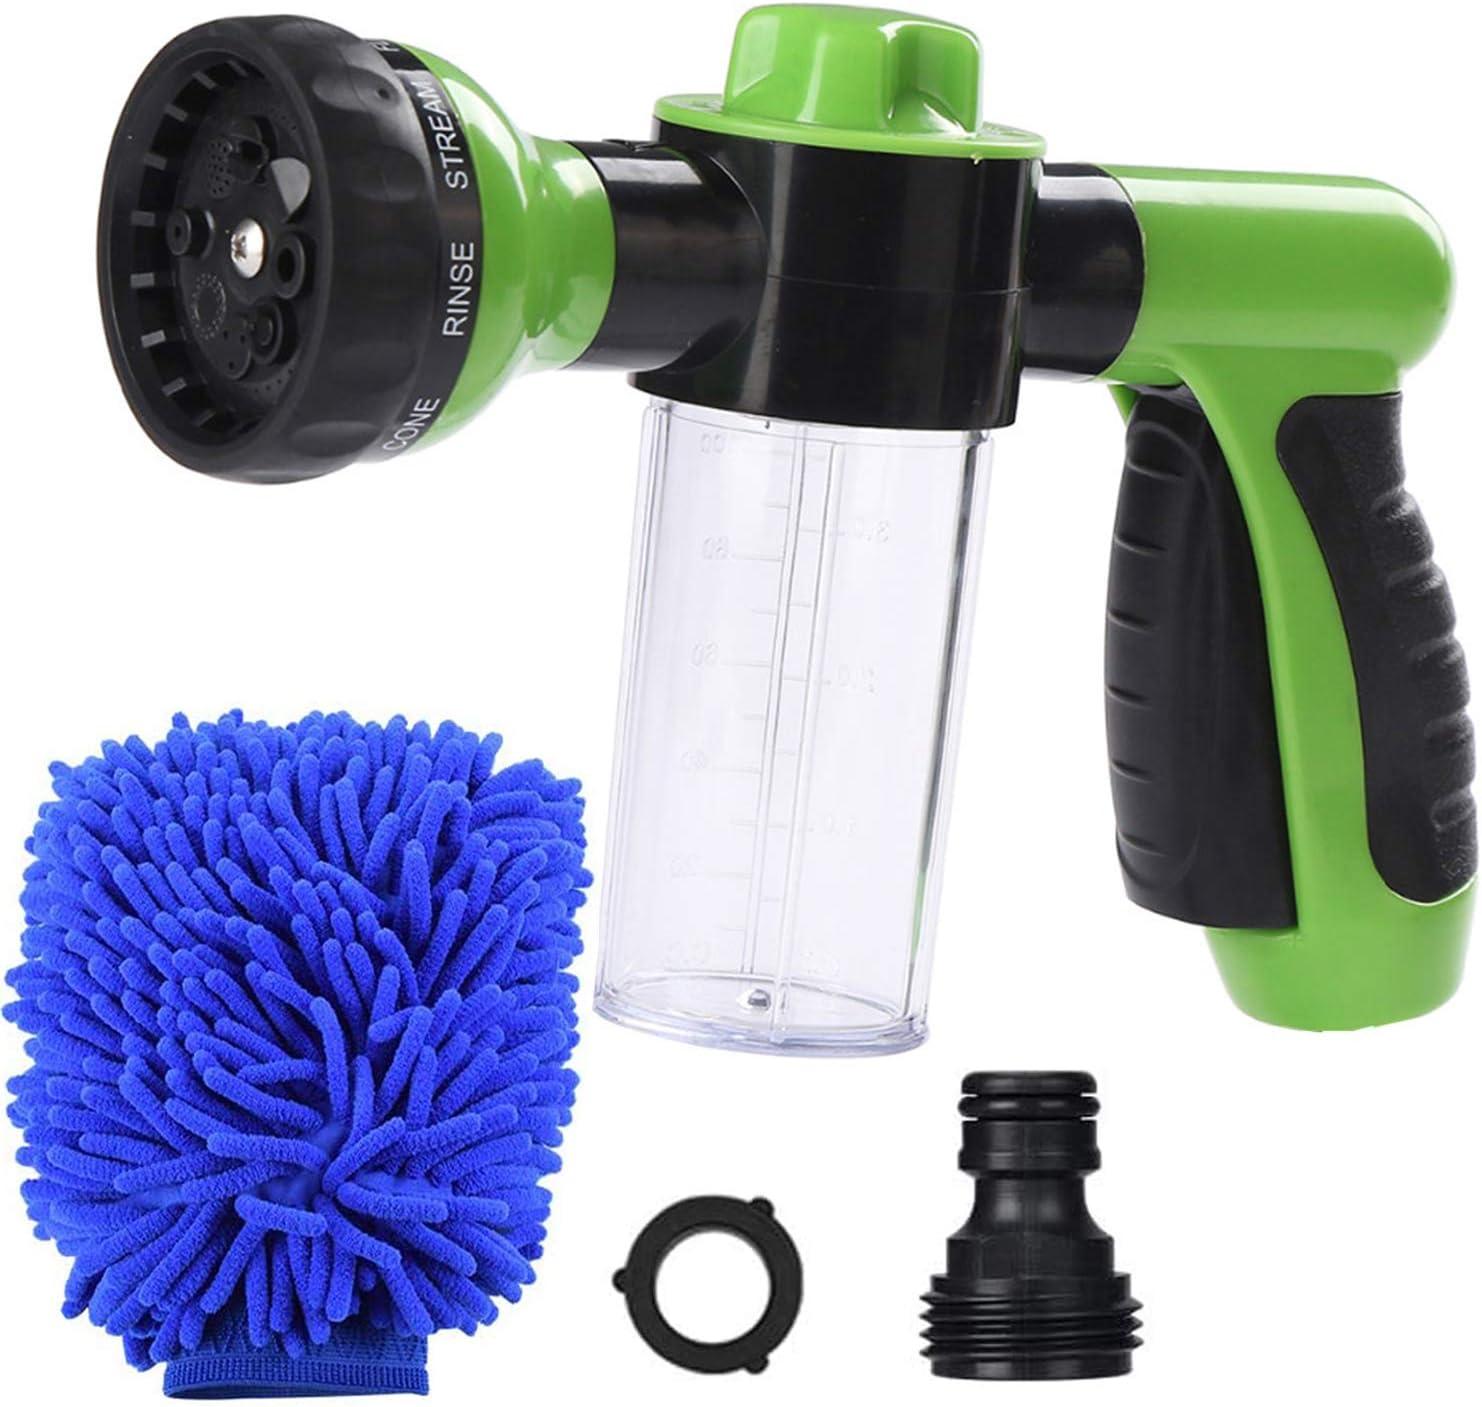 Kalgaden Garden Hose Nozzle Sprayer 8 Spray Patterns, Garden Foam Gun with 3.5oz/100cc Soap Dispenser Bottle, Washing Mitt, Snow Foam Lance Sprayer Nozzle for Car Washing, Plant Watering